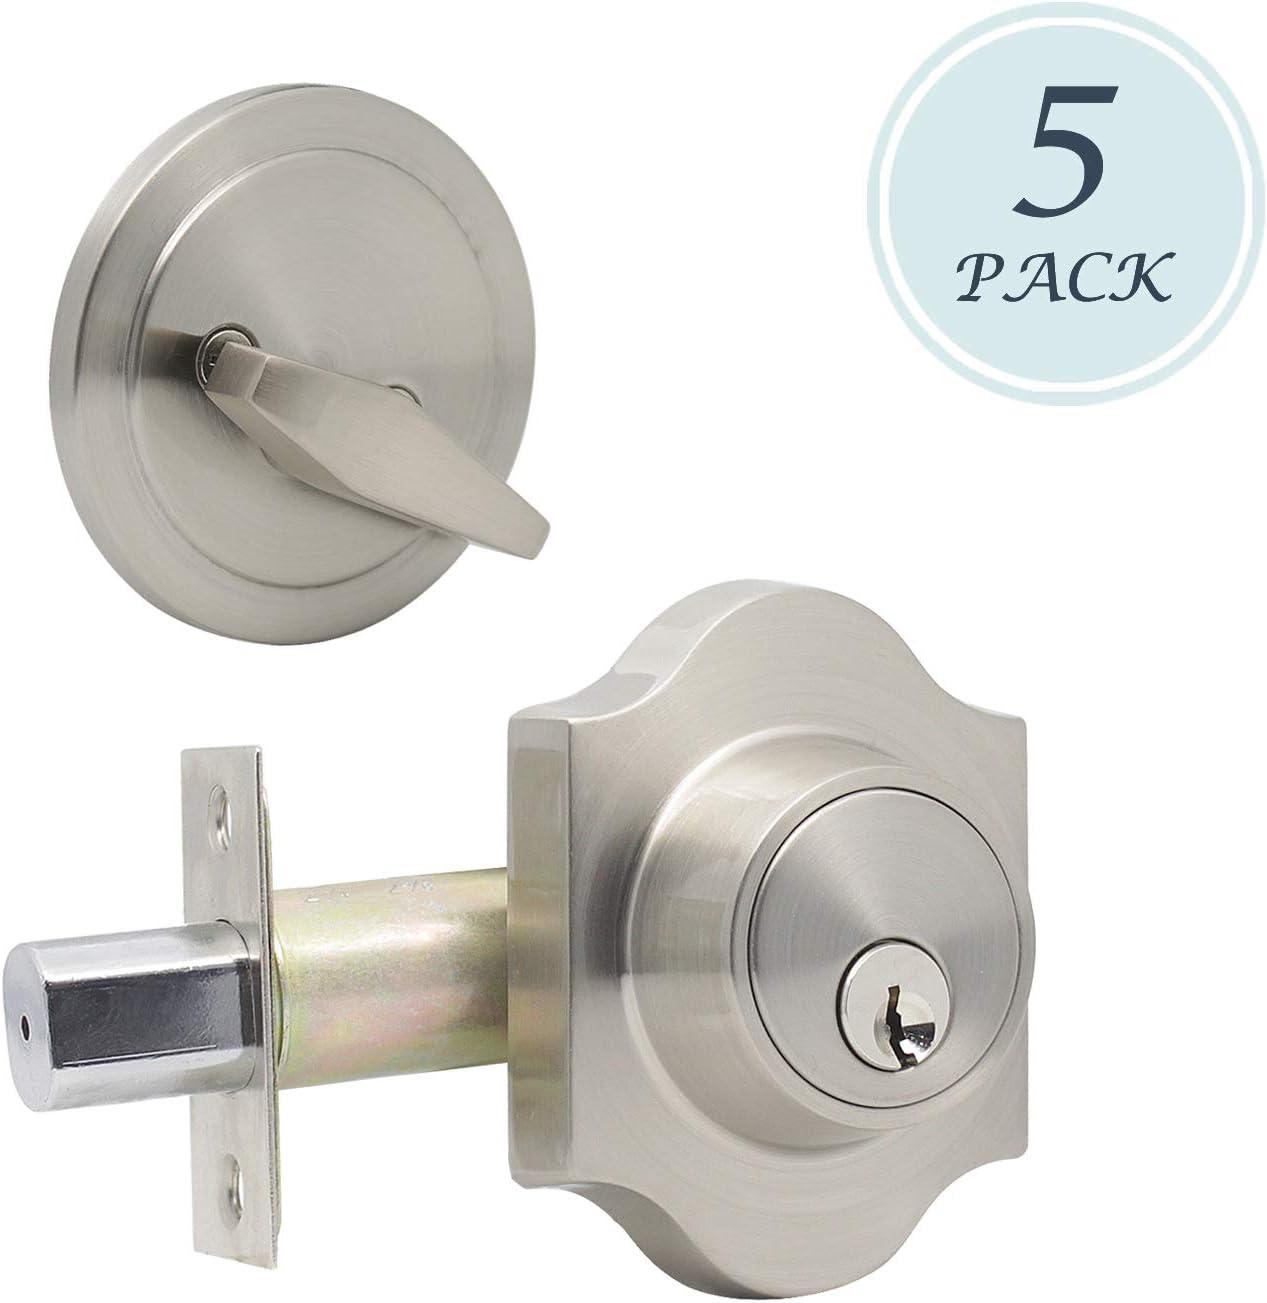 Cerradura de seguridad vintage con cerradura de seguridad para puerta con cerradura de cilindro único y botón de giro en el interior y la llave exterior acabado en níquel satinado